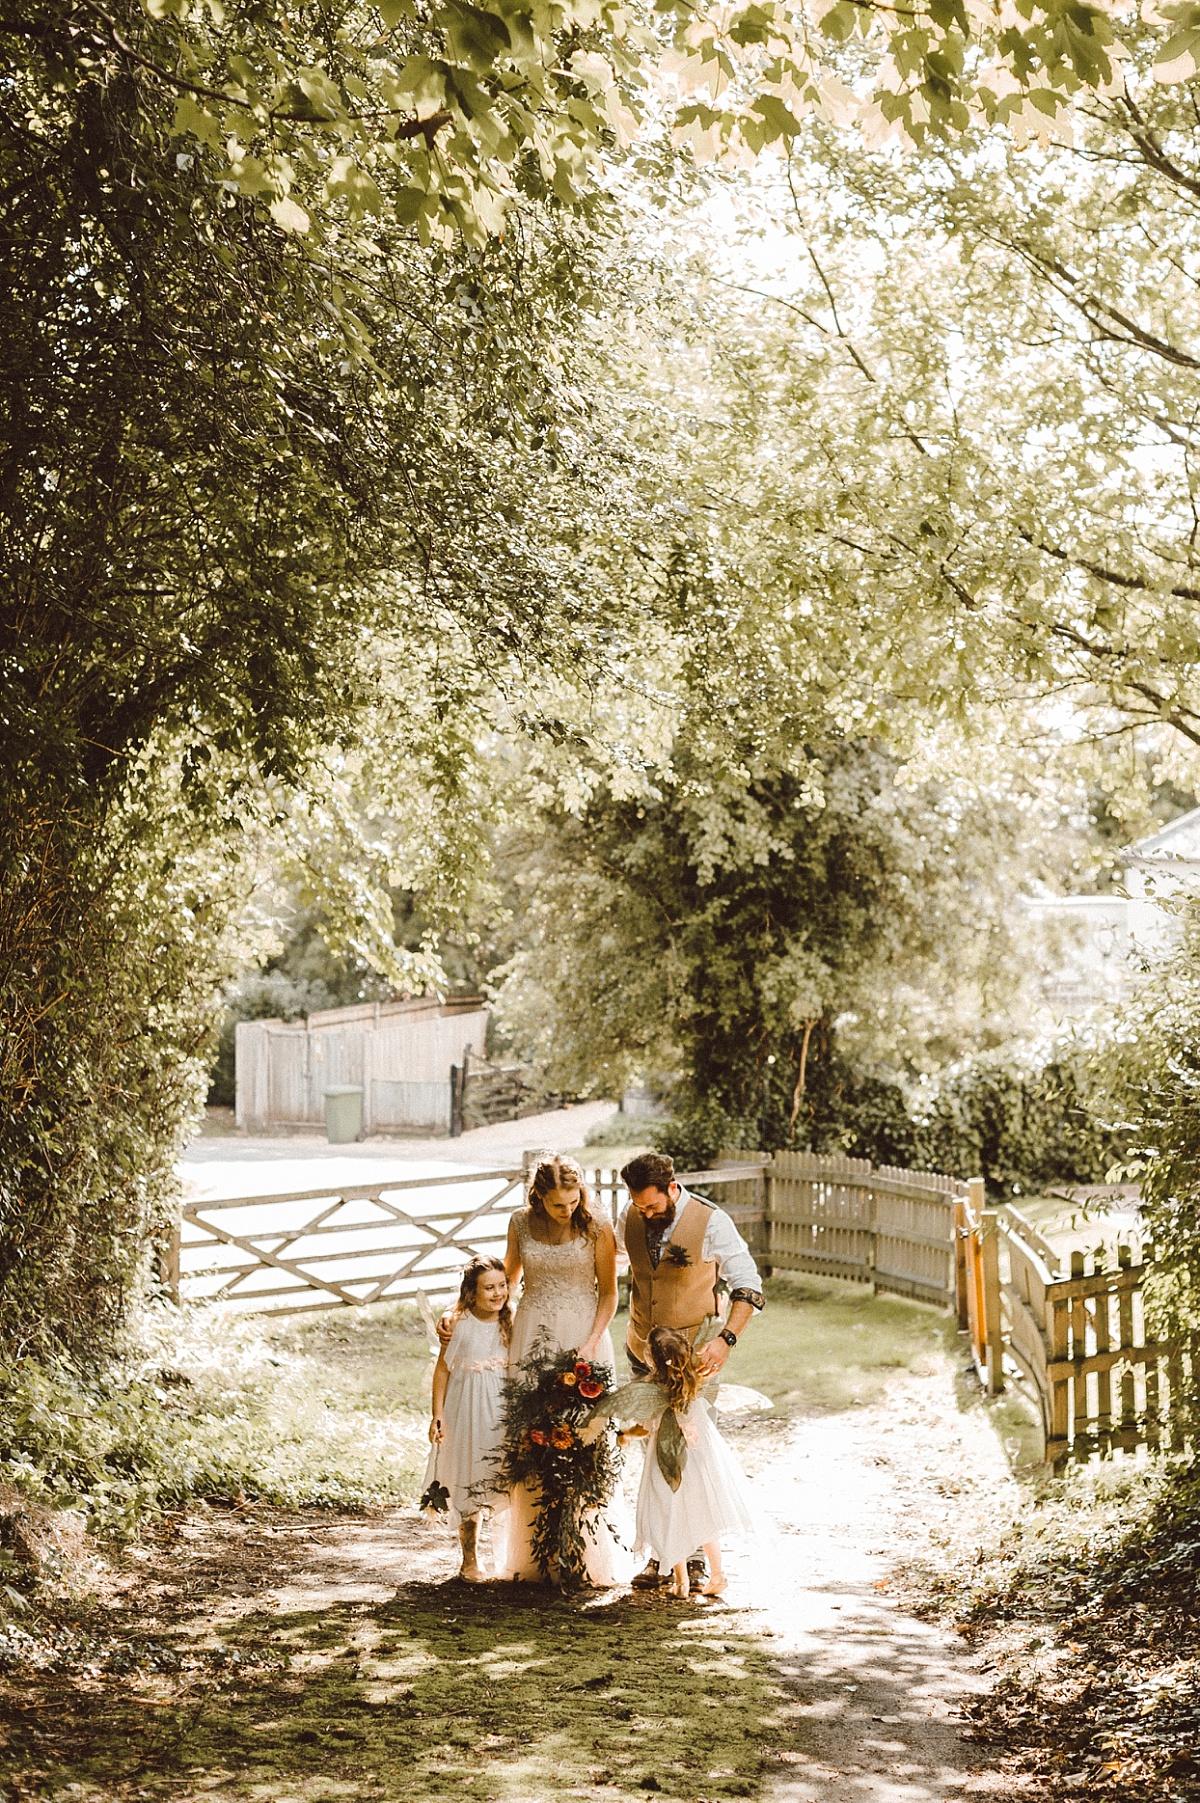 Photo of cool BoHo couple at alternative wedding